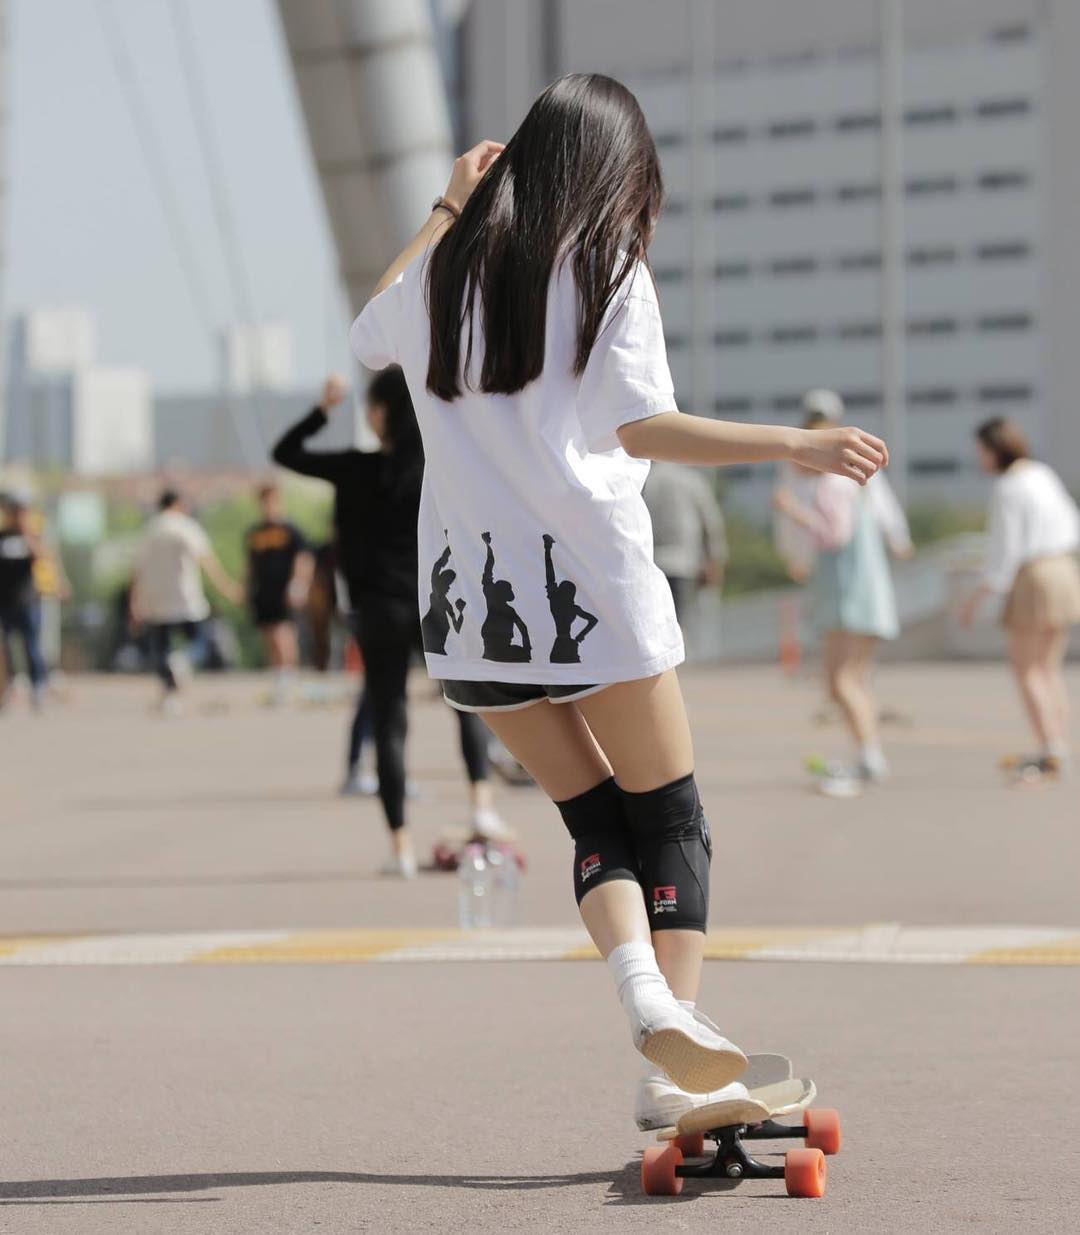 Trượt ván thôi cũng xinh, cô bạn Hàn Quốc thu hút cả triệu lượt xem